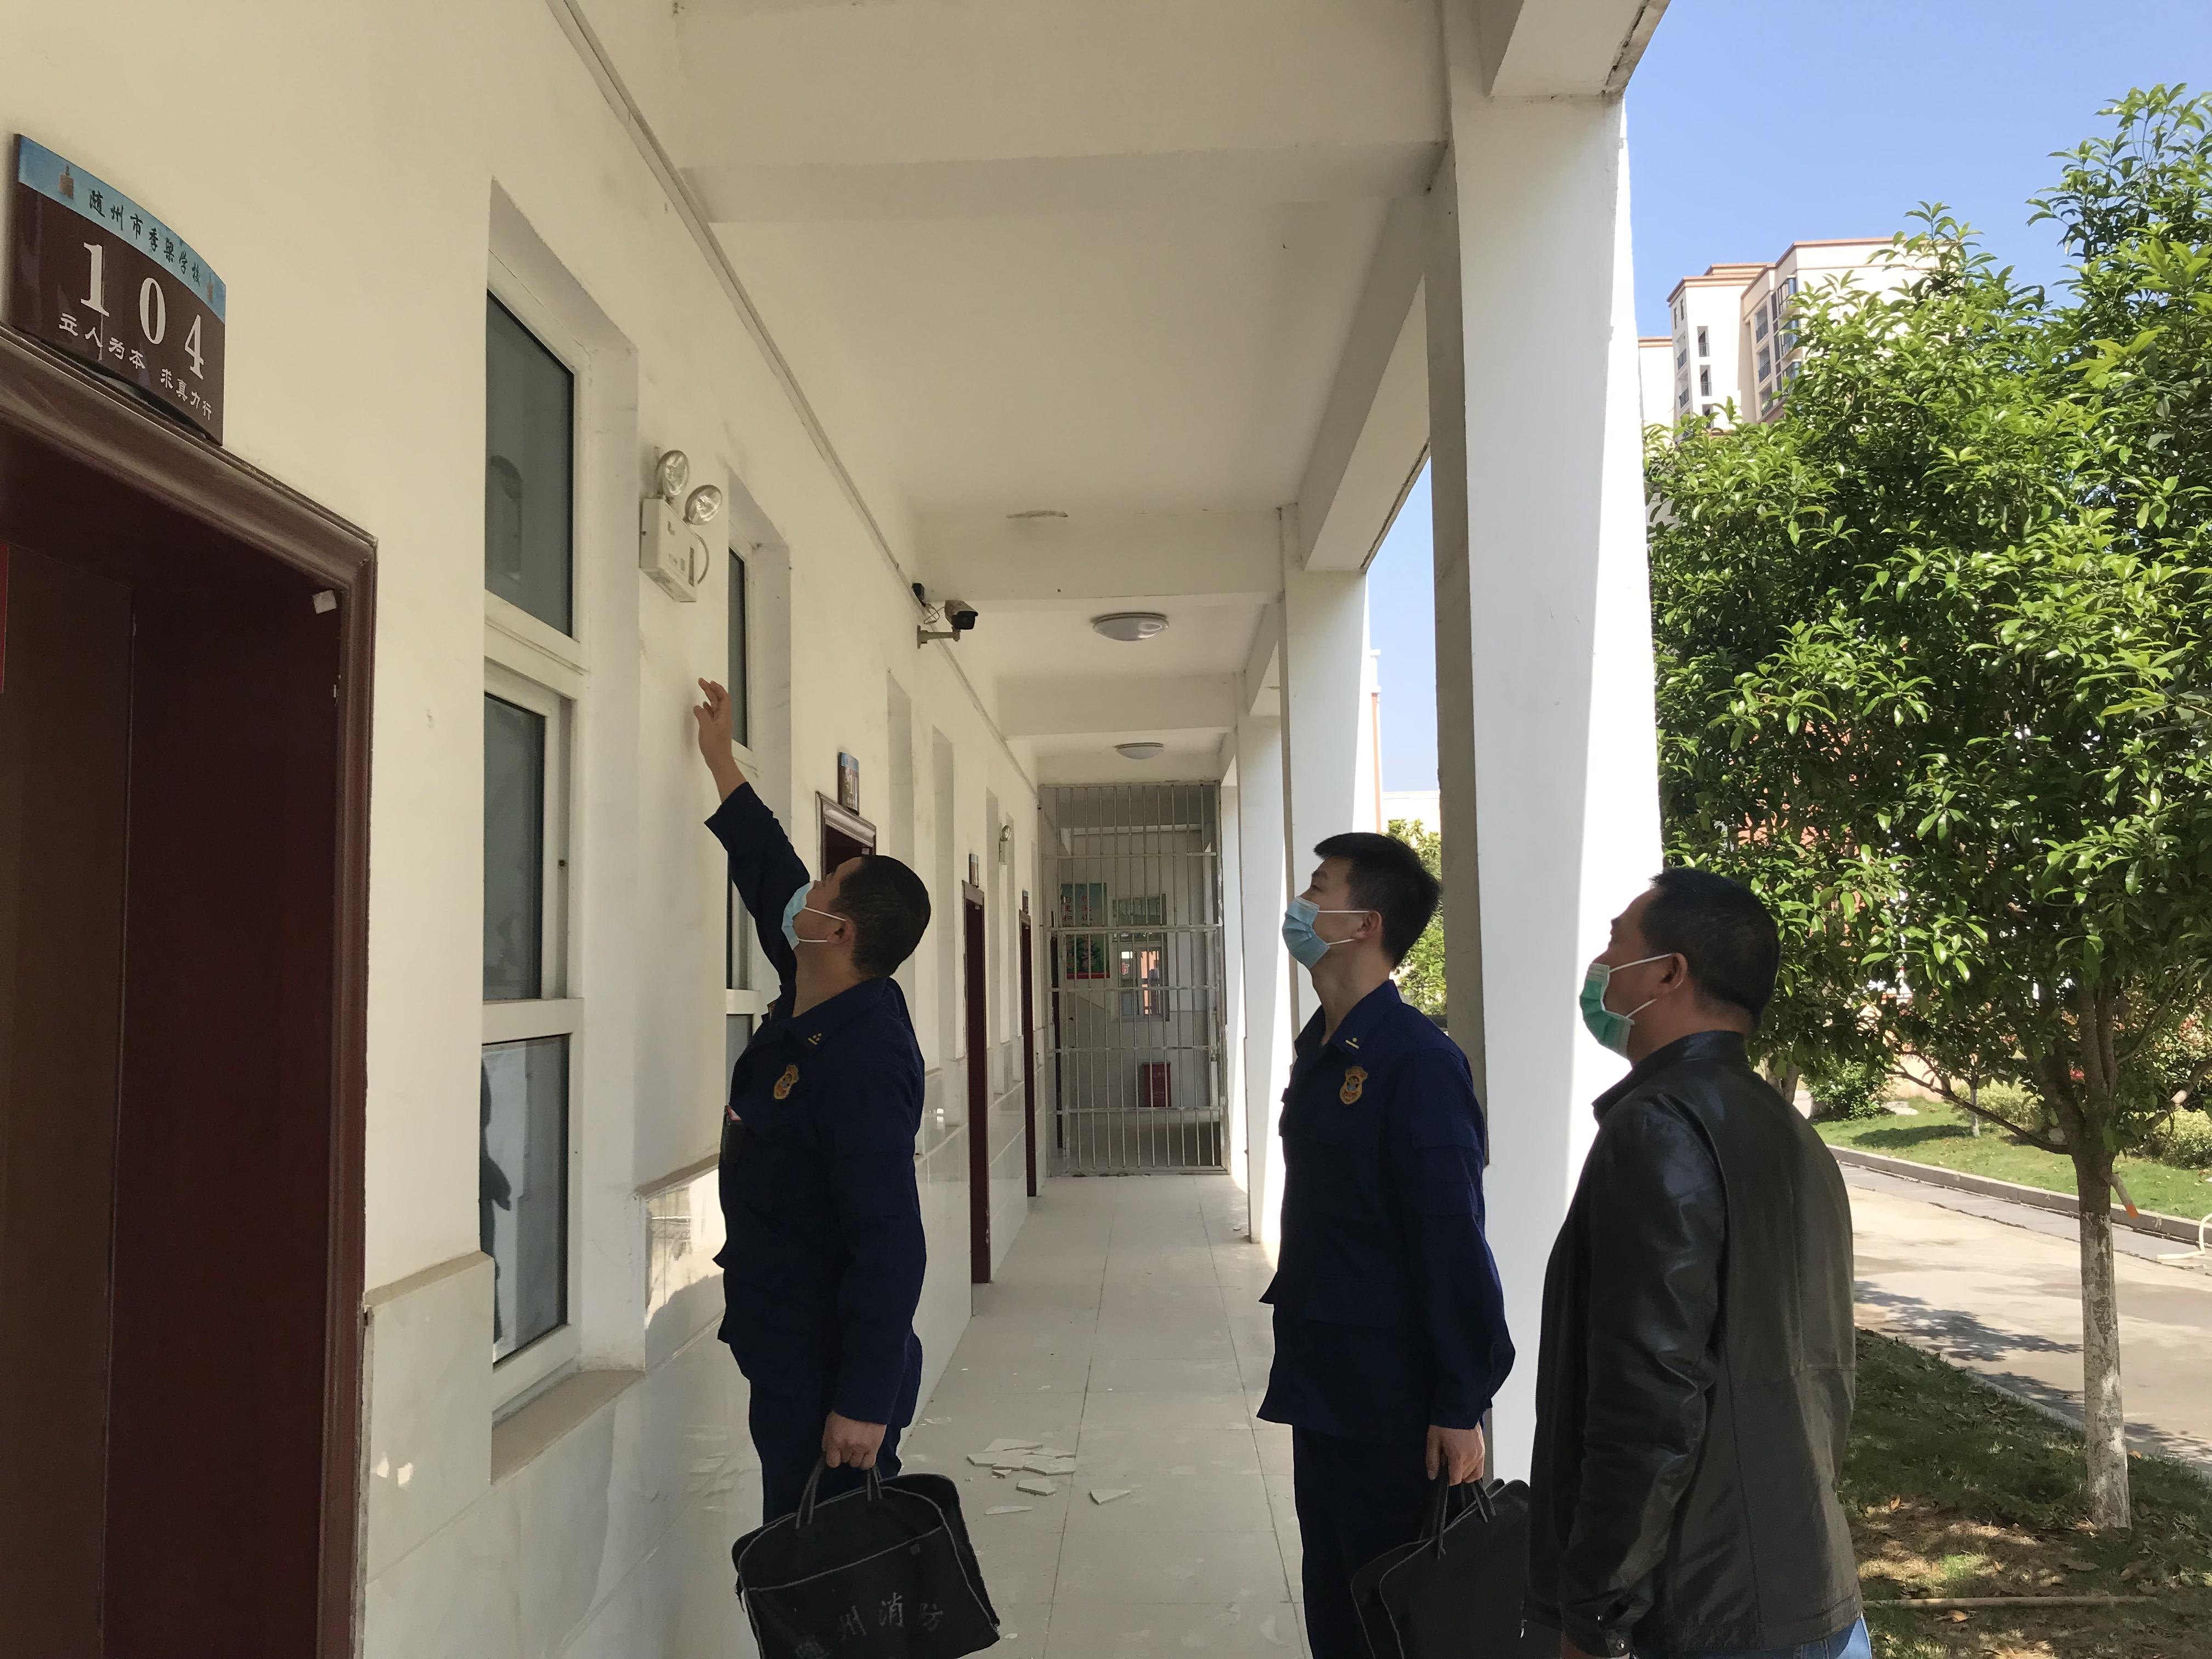 助力开学复课丨随州市高新区消防救援大队为学校提供上门服务